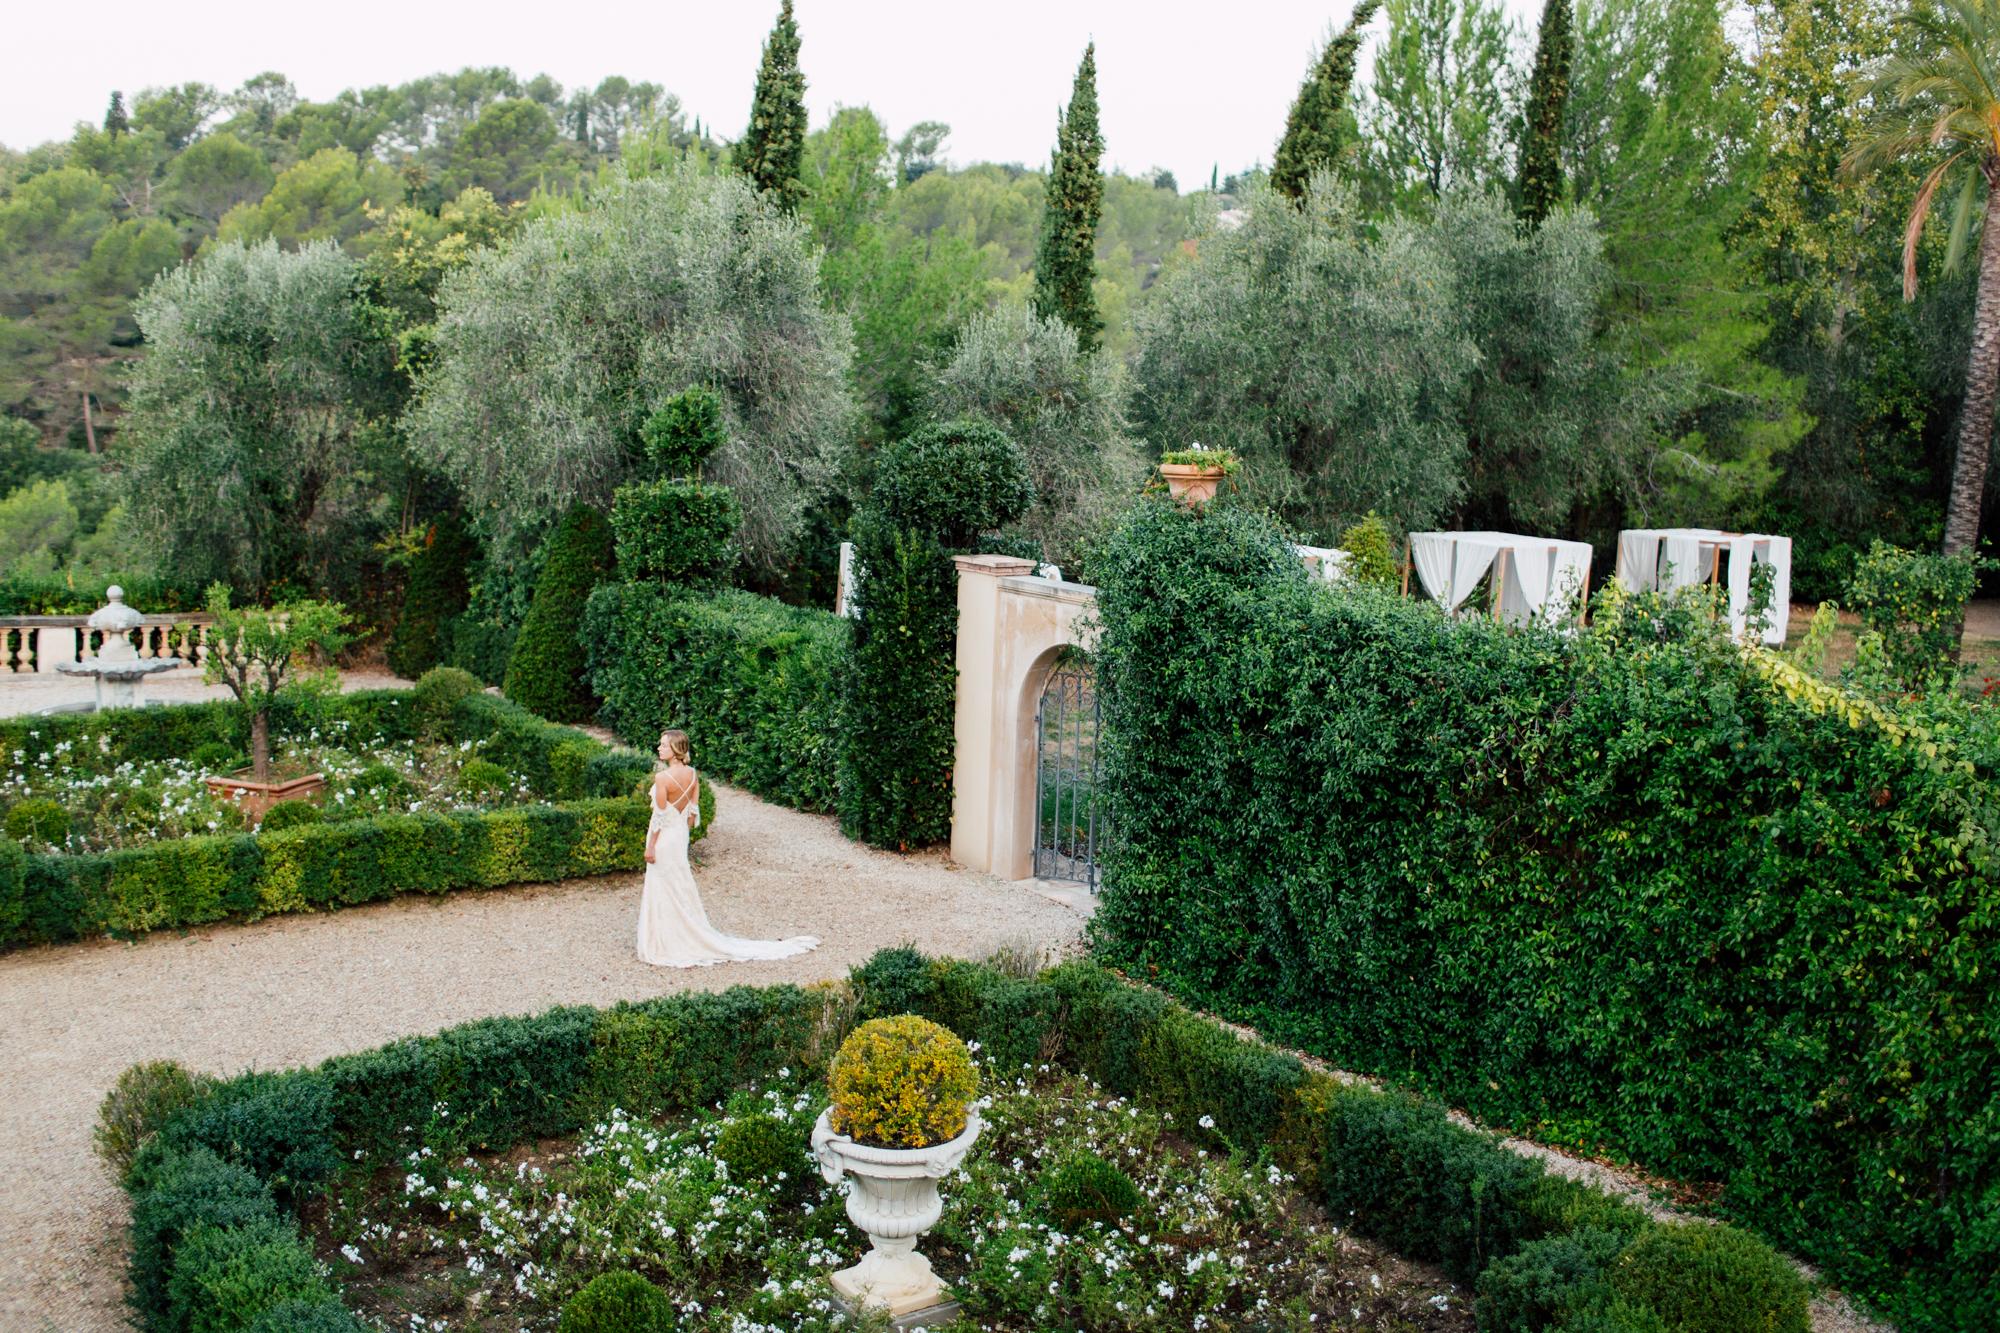 chateau diter wedding venue